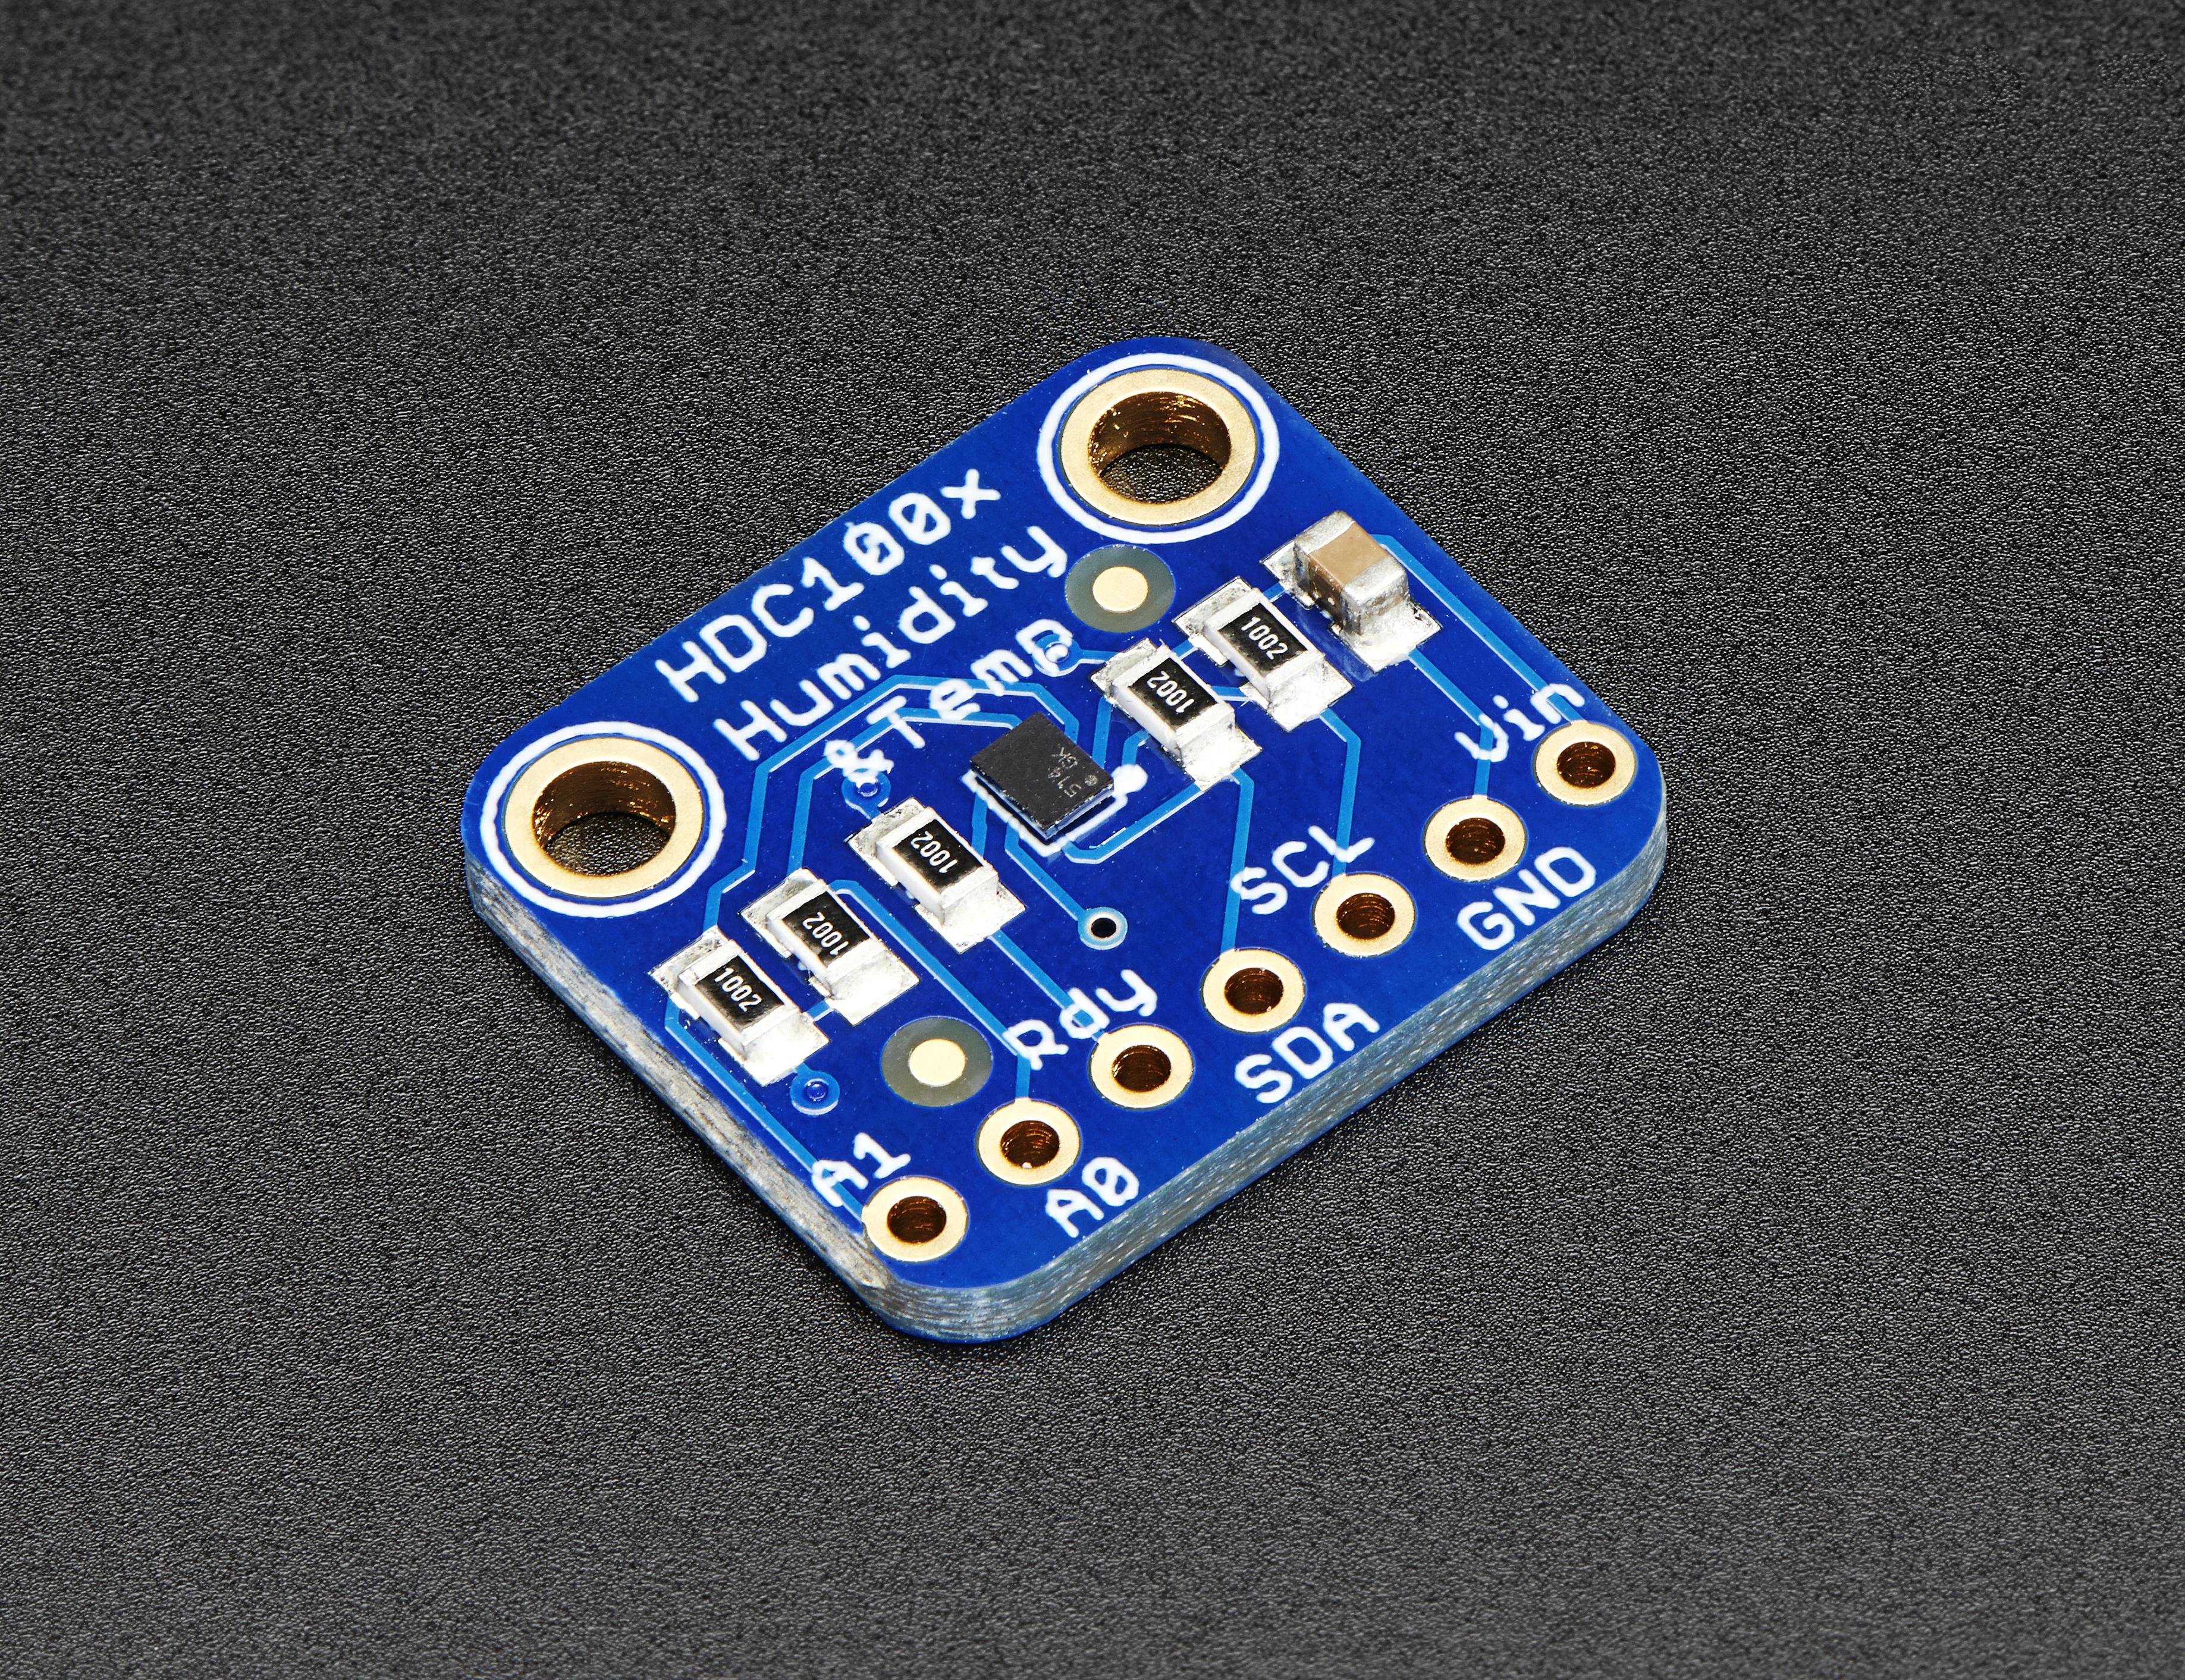 adafruit_products_2635_iso_ORIG.jpg